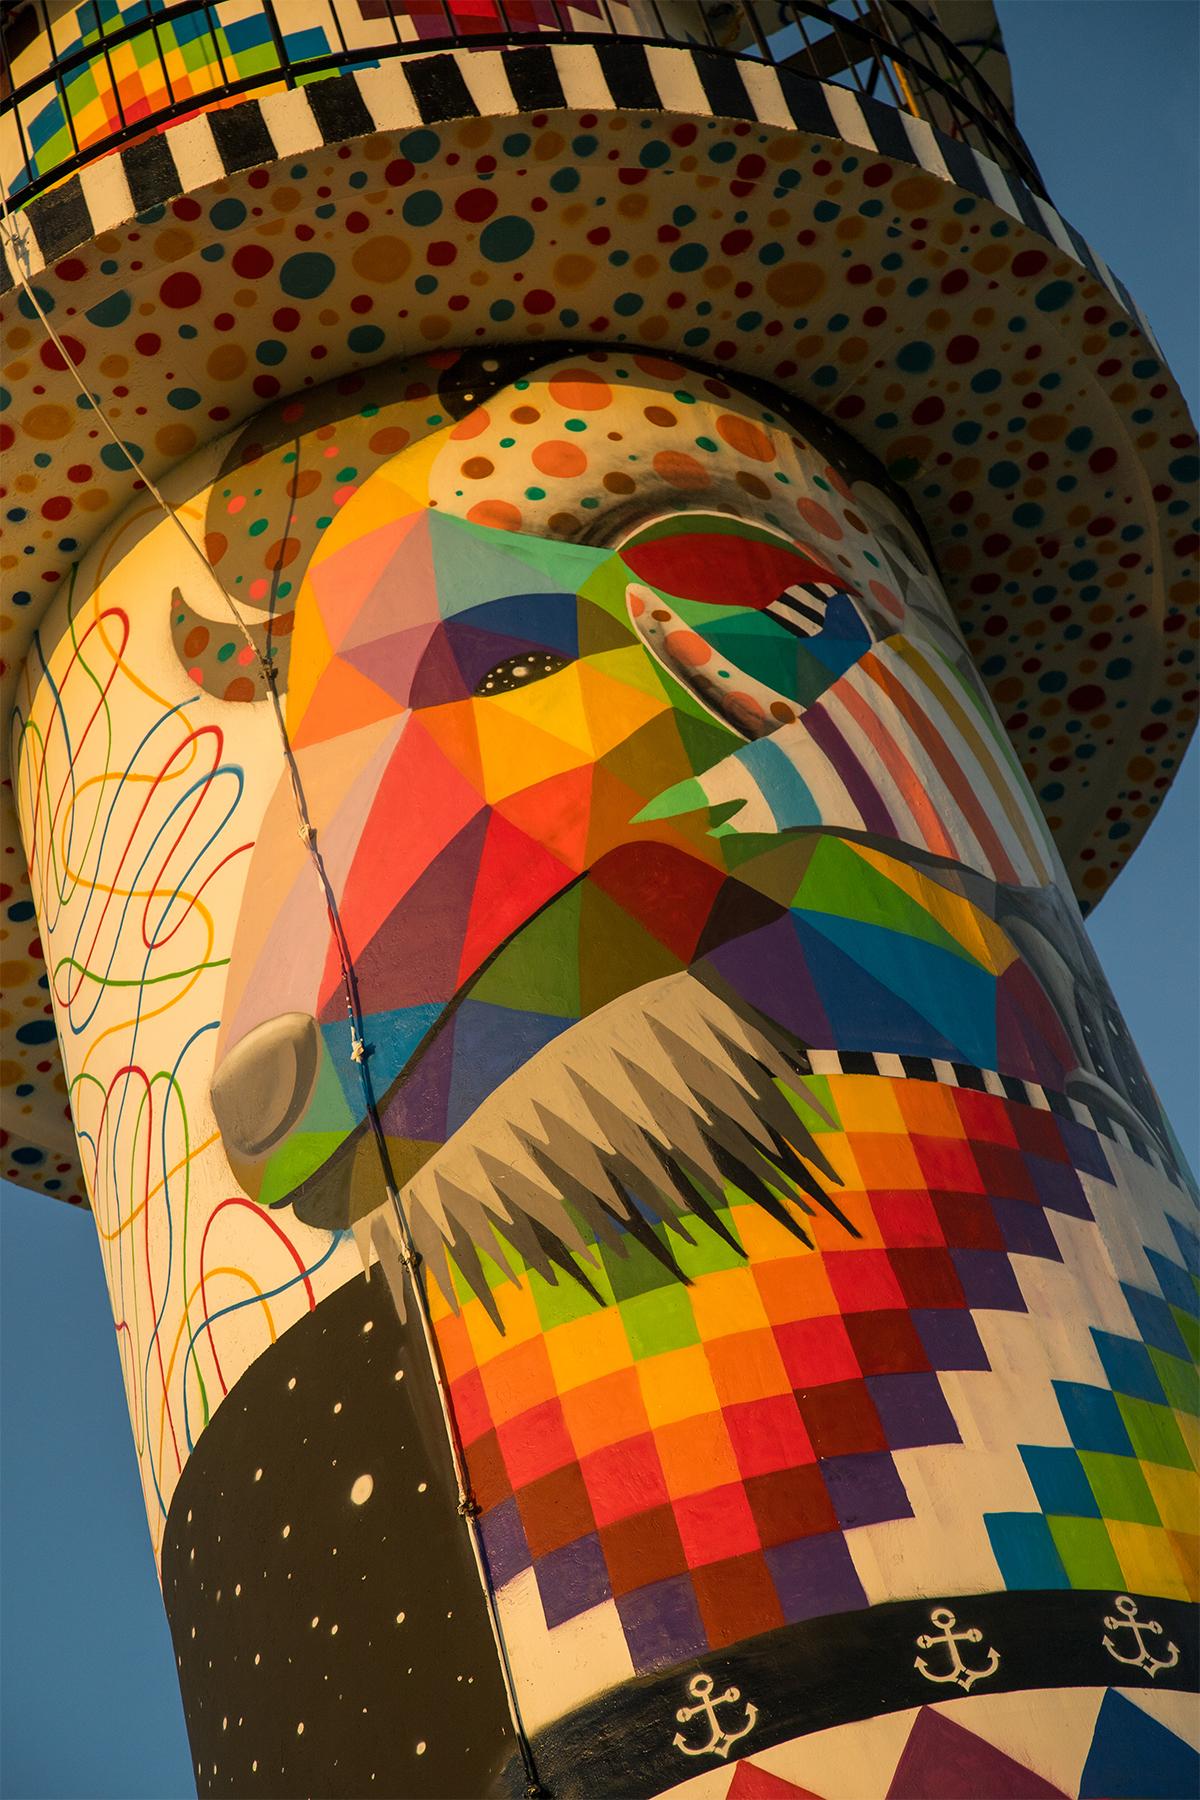 Окуда Сан Мигель превратил скучный маяк в разноцветную картину